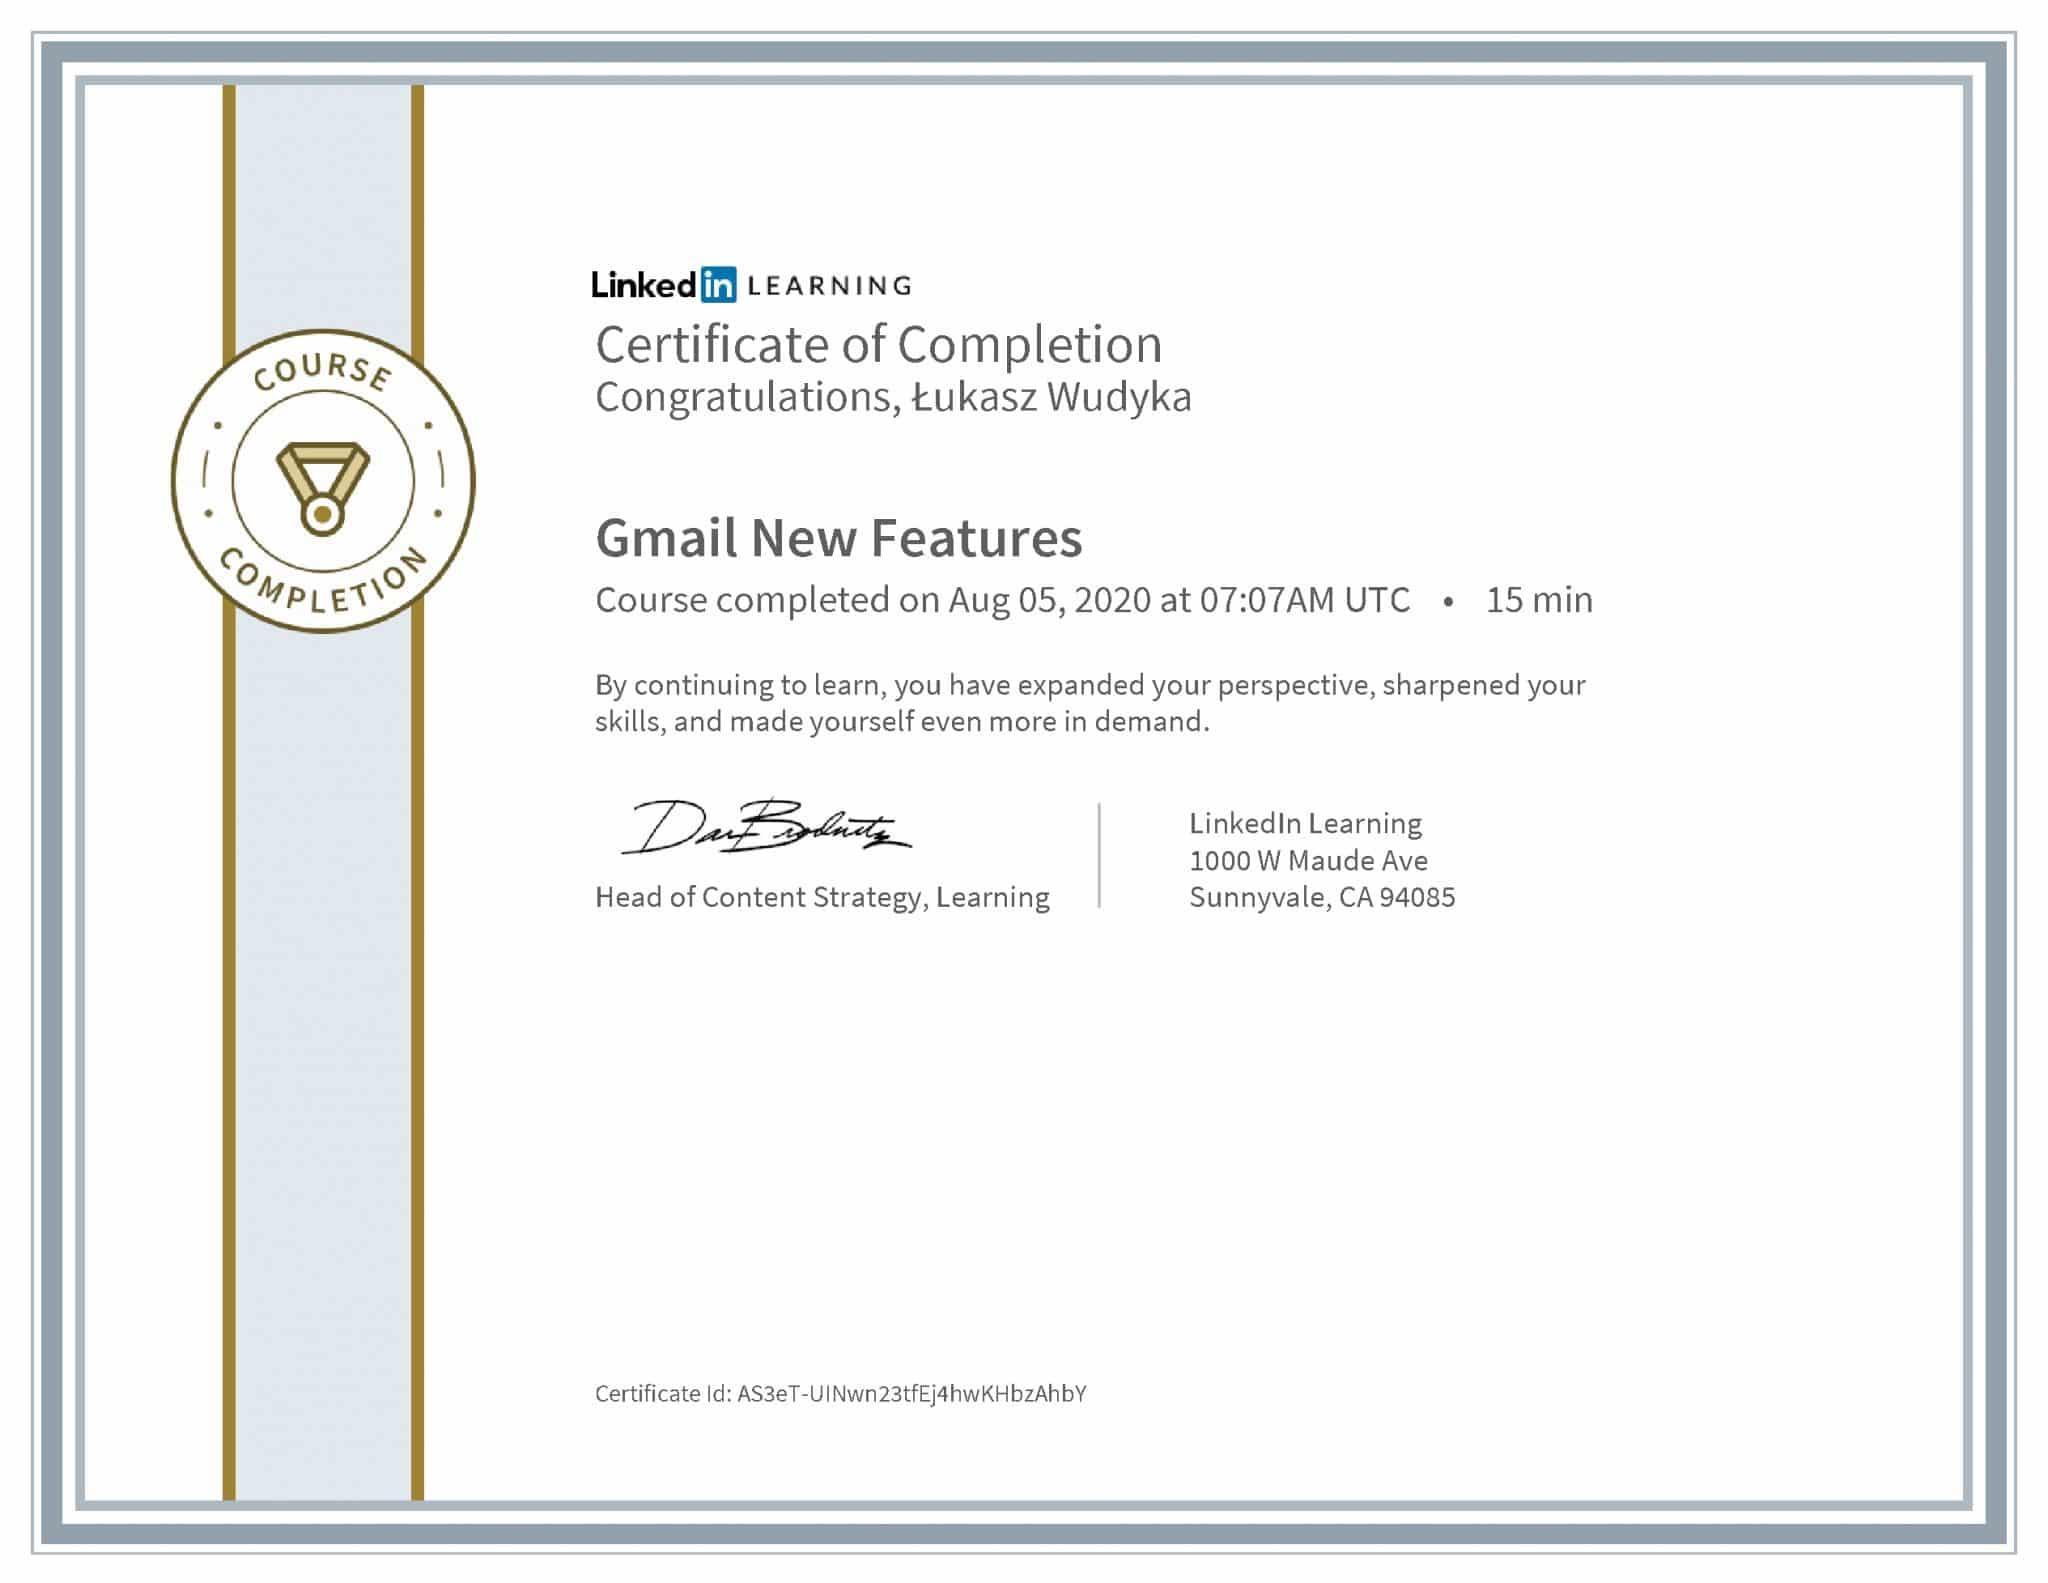 Łukasz Wudyka certyfikat LinkedIn Gmail New Features